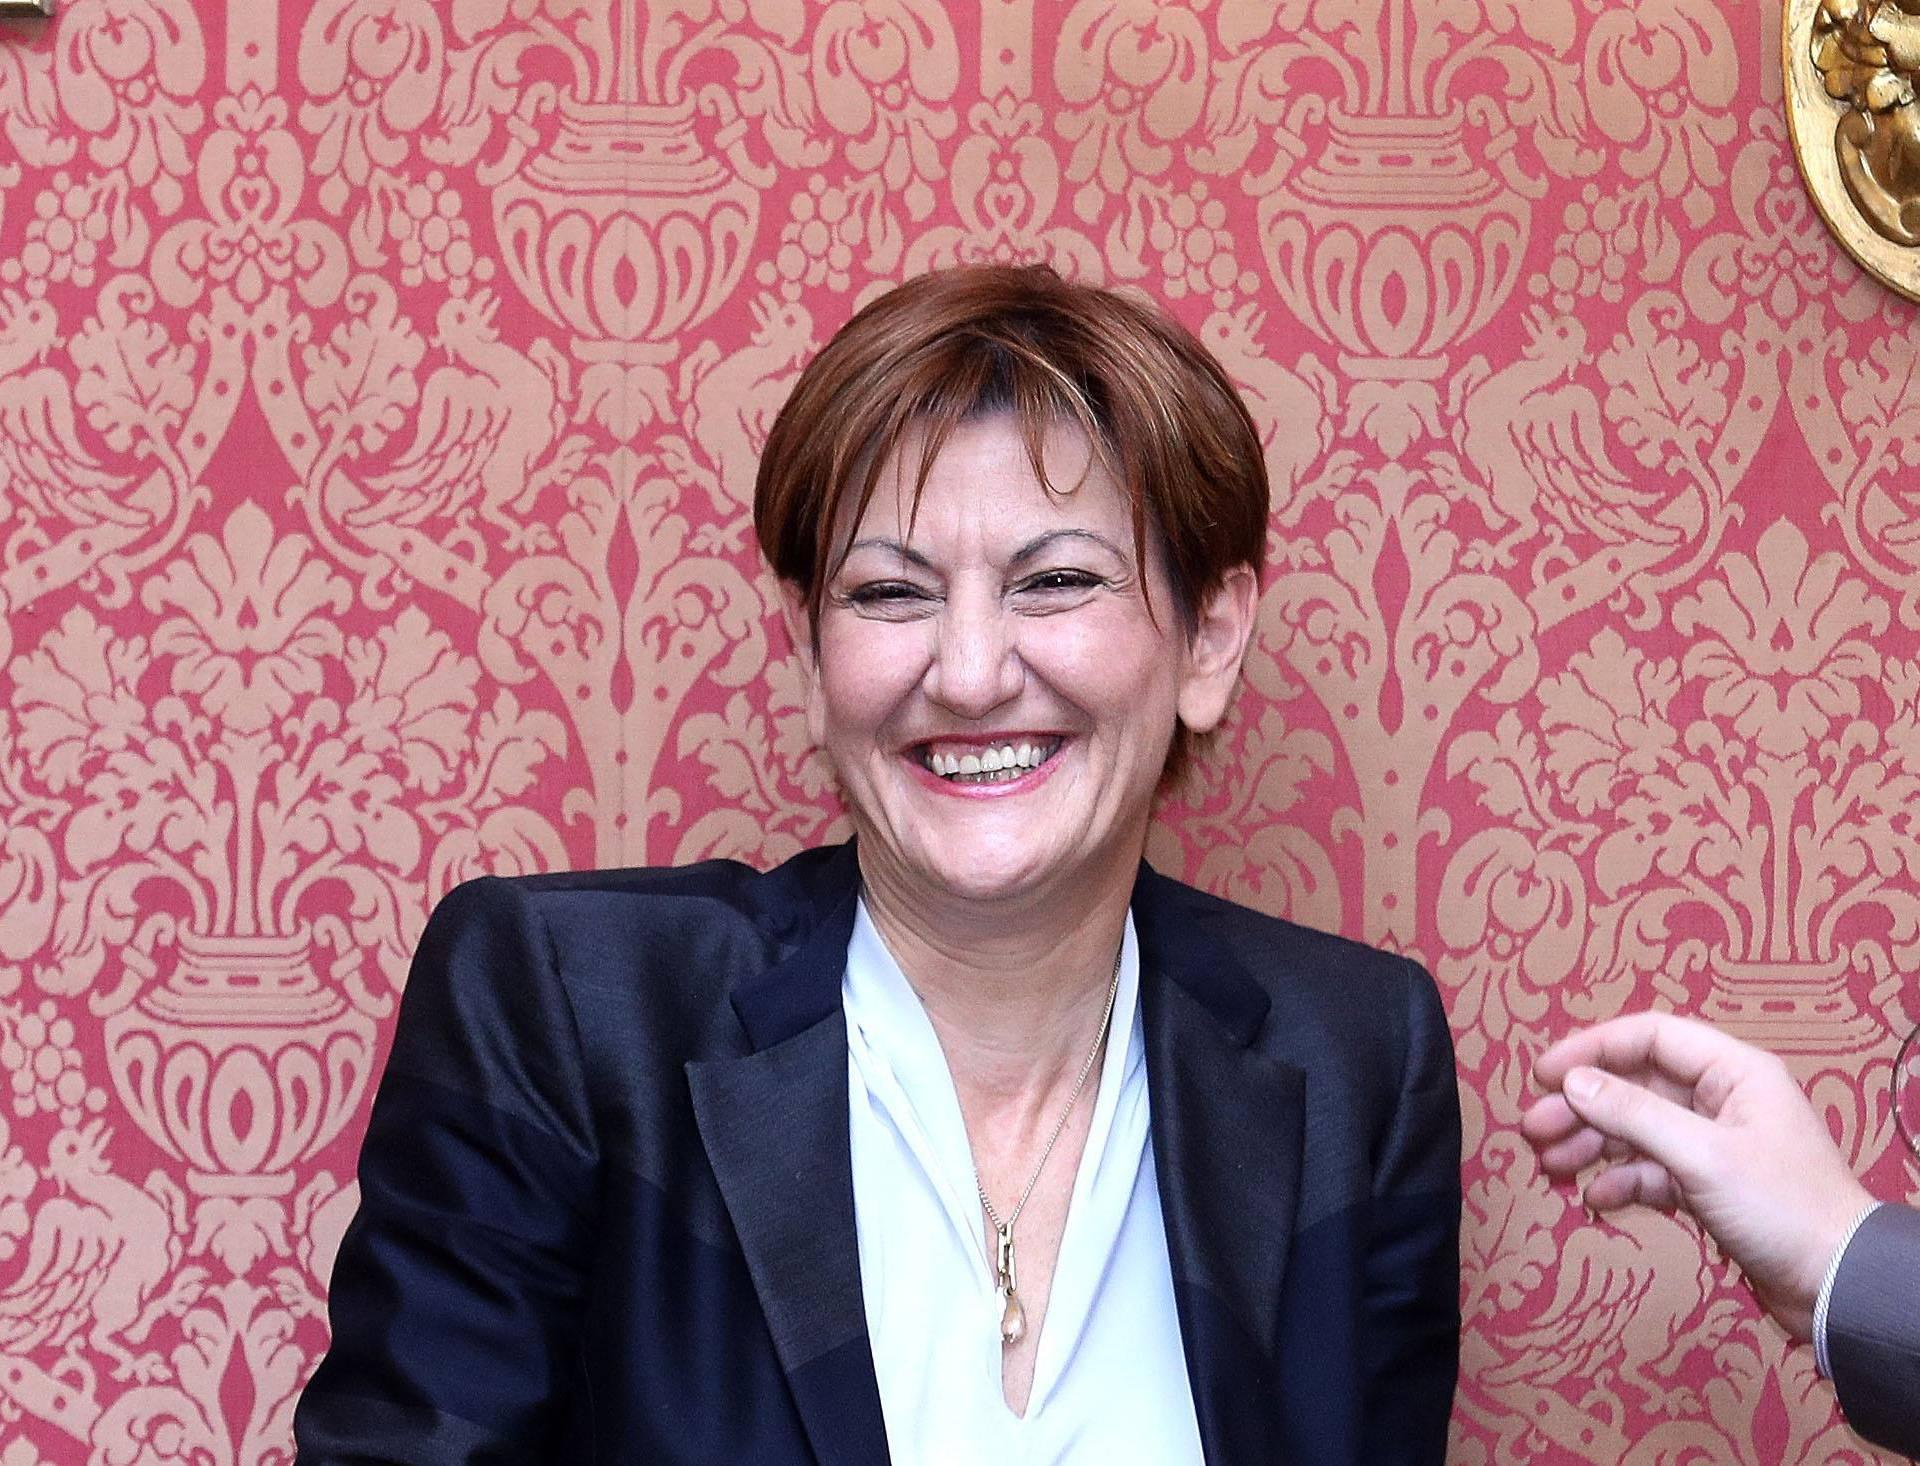 Dalić neće biti šef uprave HPB-a: 'Nisam se javila na natječaj'